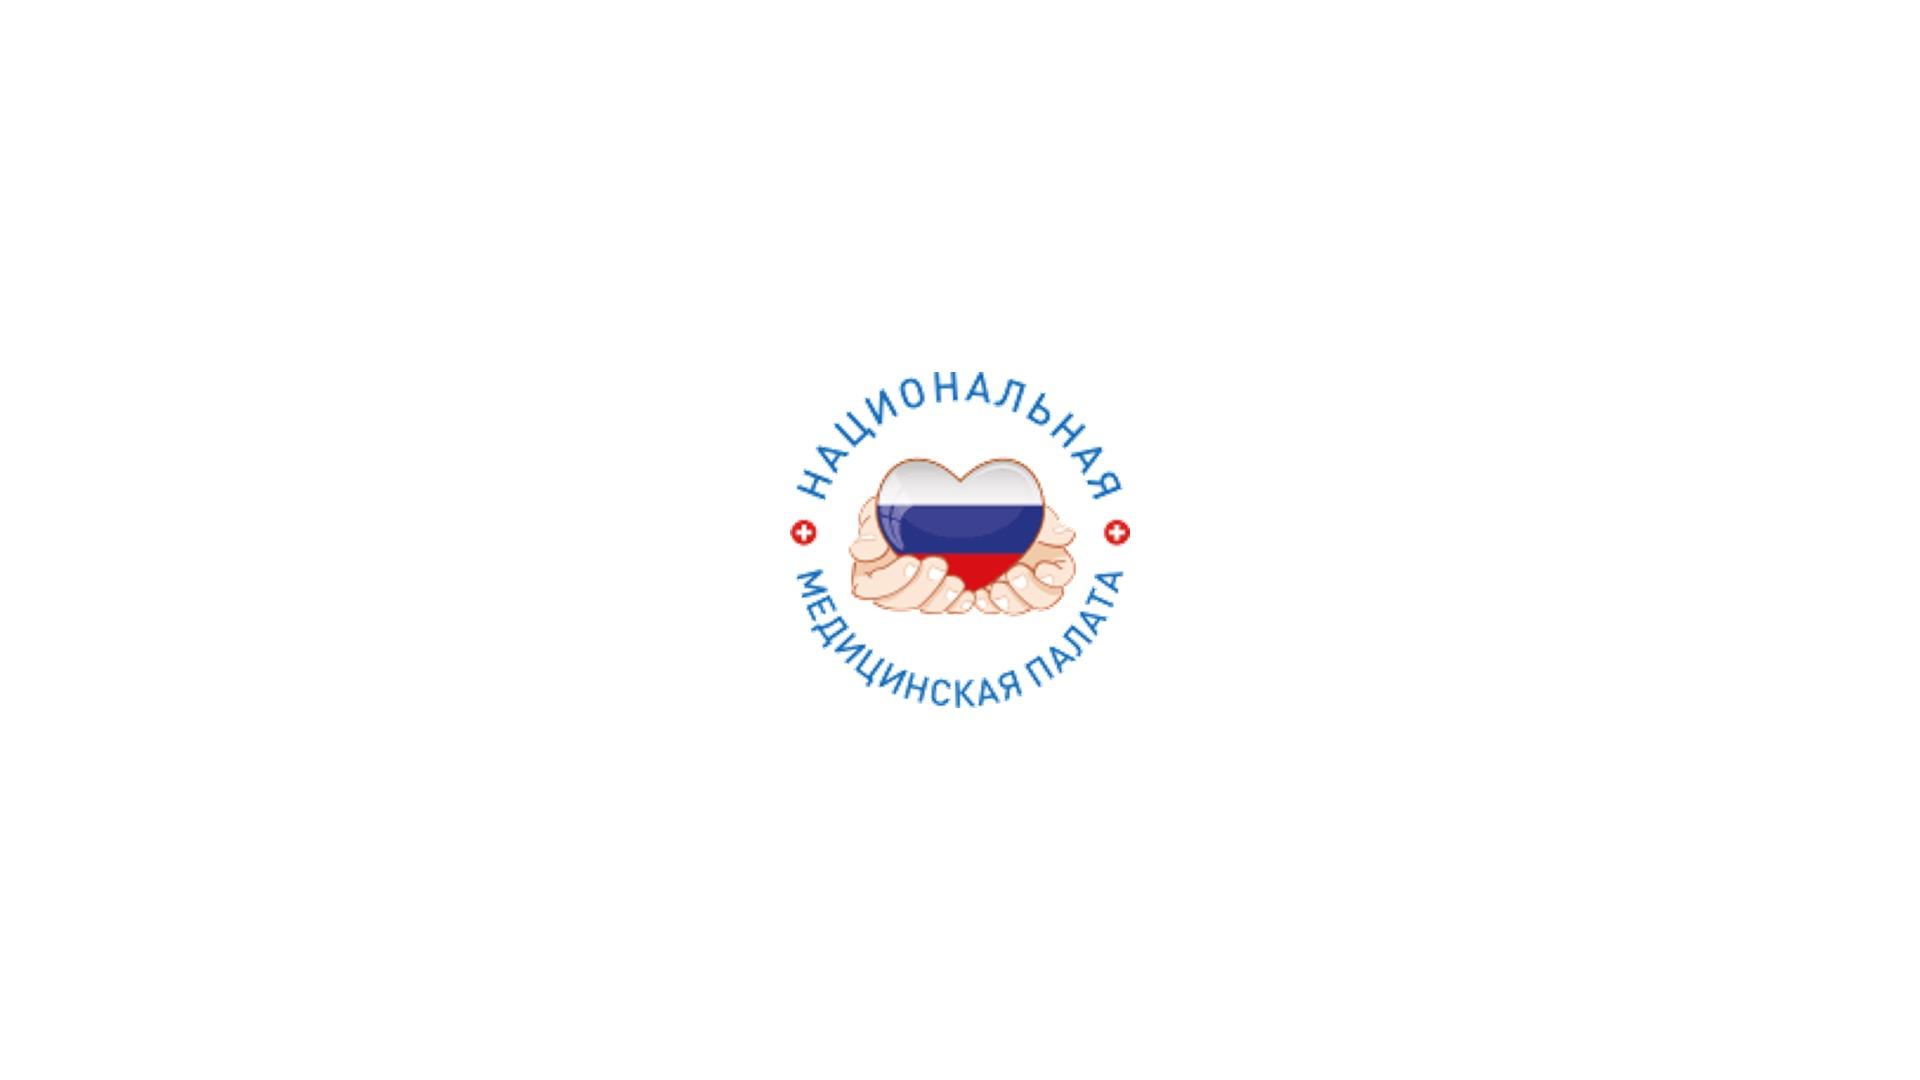 ОН-ЛАЙН ЦЕНТР ПРАВОВОЙ ПОДДЕРЖКИ МЕДИЦИНСКИХ РАБОТНИКОВ